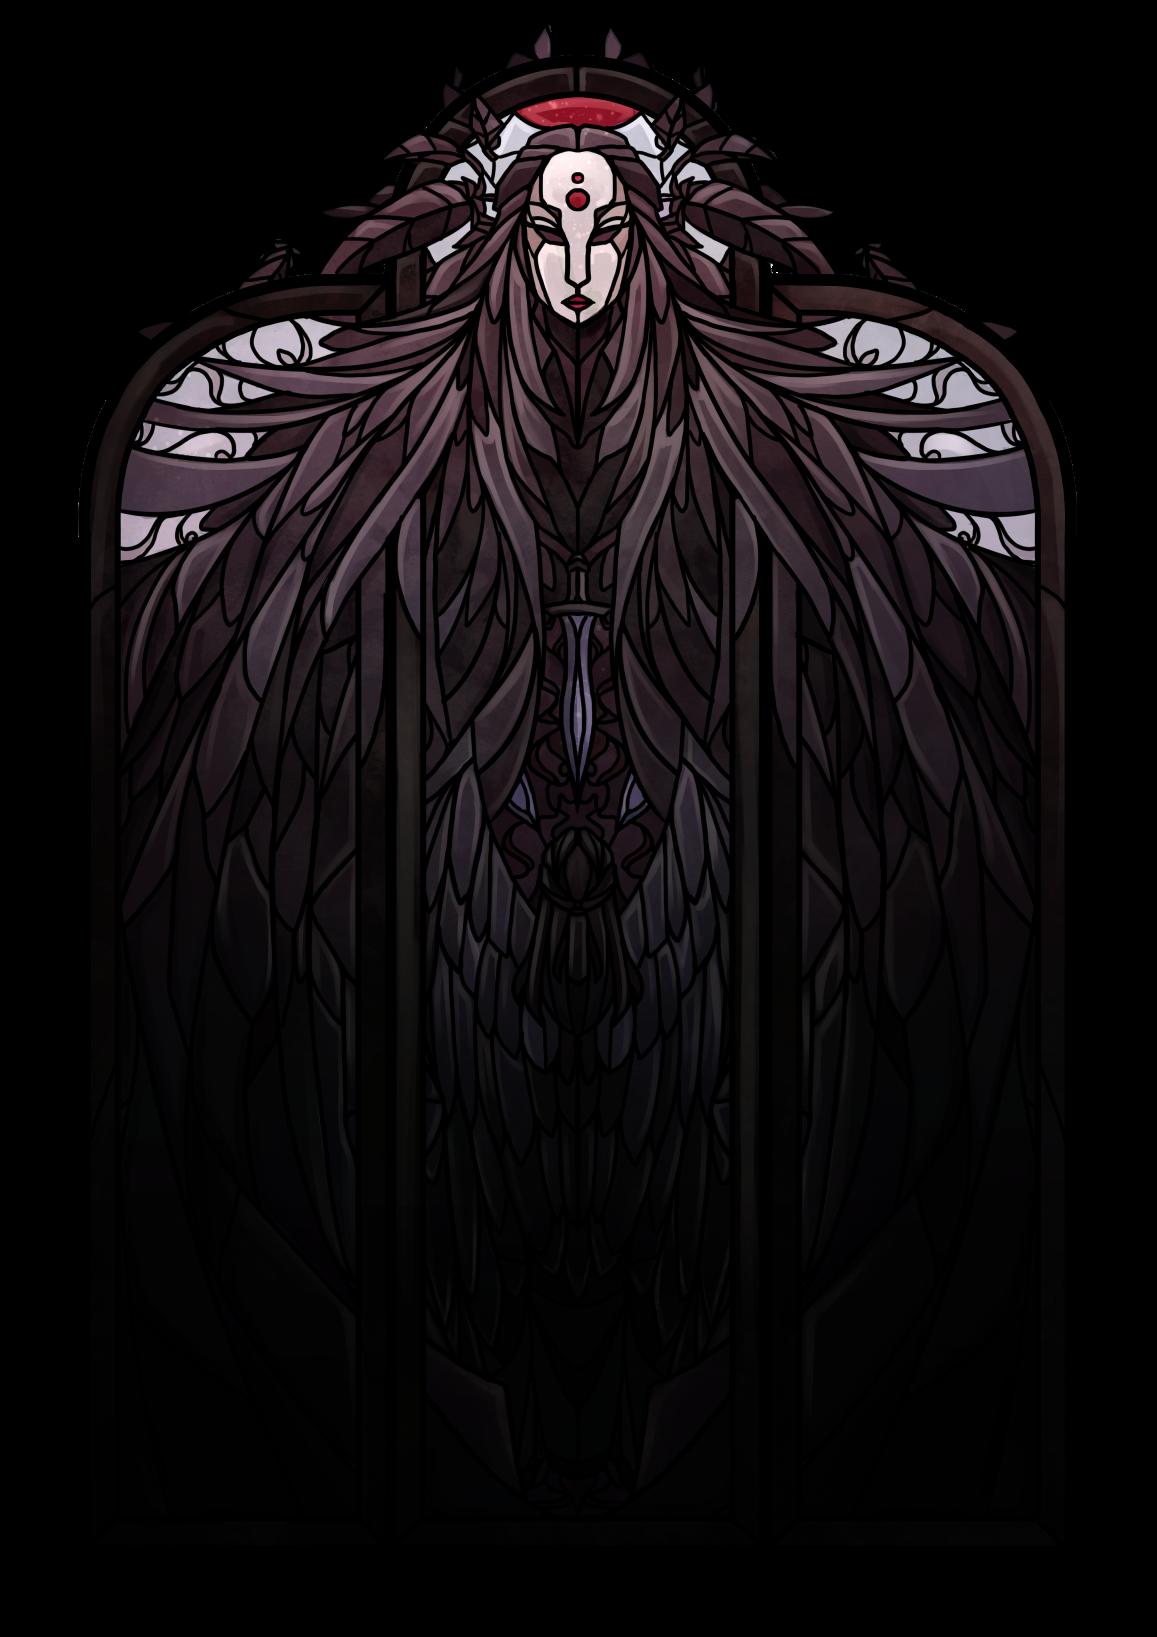 Raven Queen Stained Glass Raven Queen Critical Role Fan Art Raven Queen Dnd